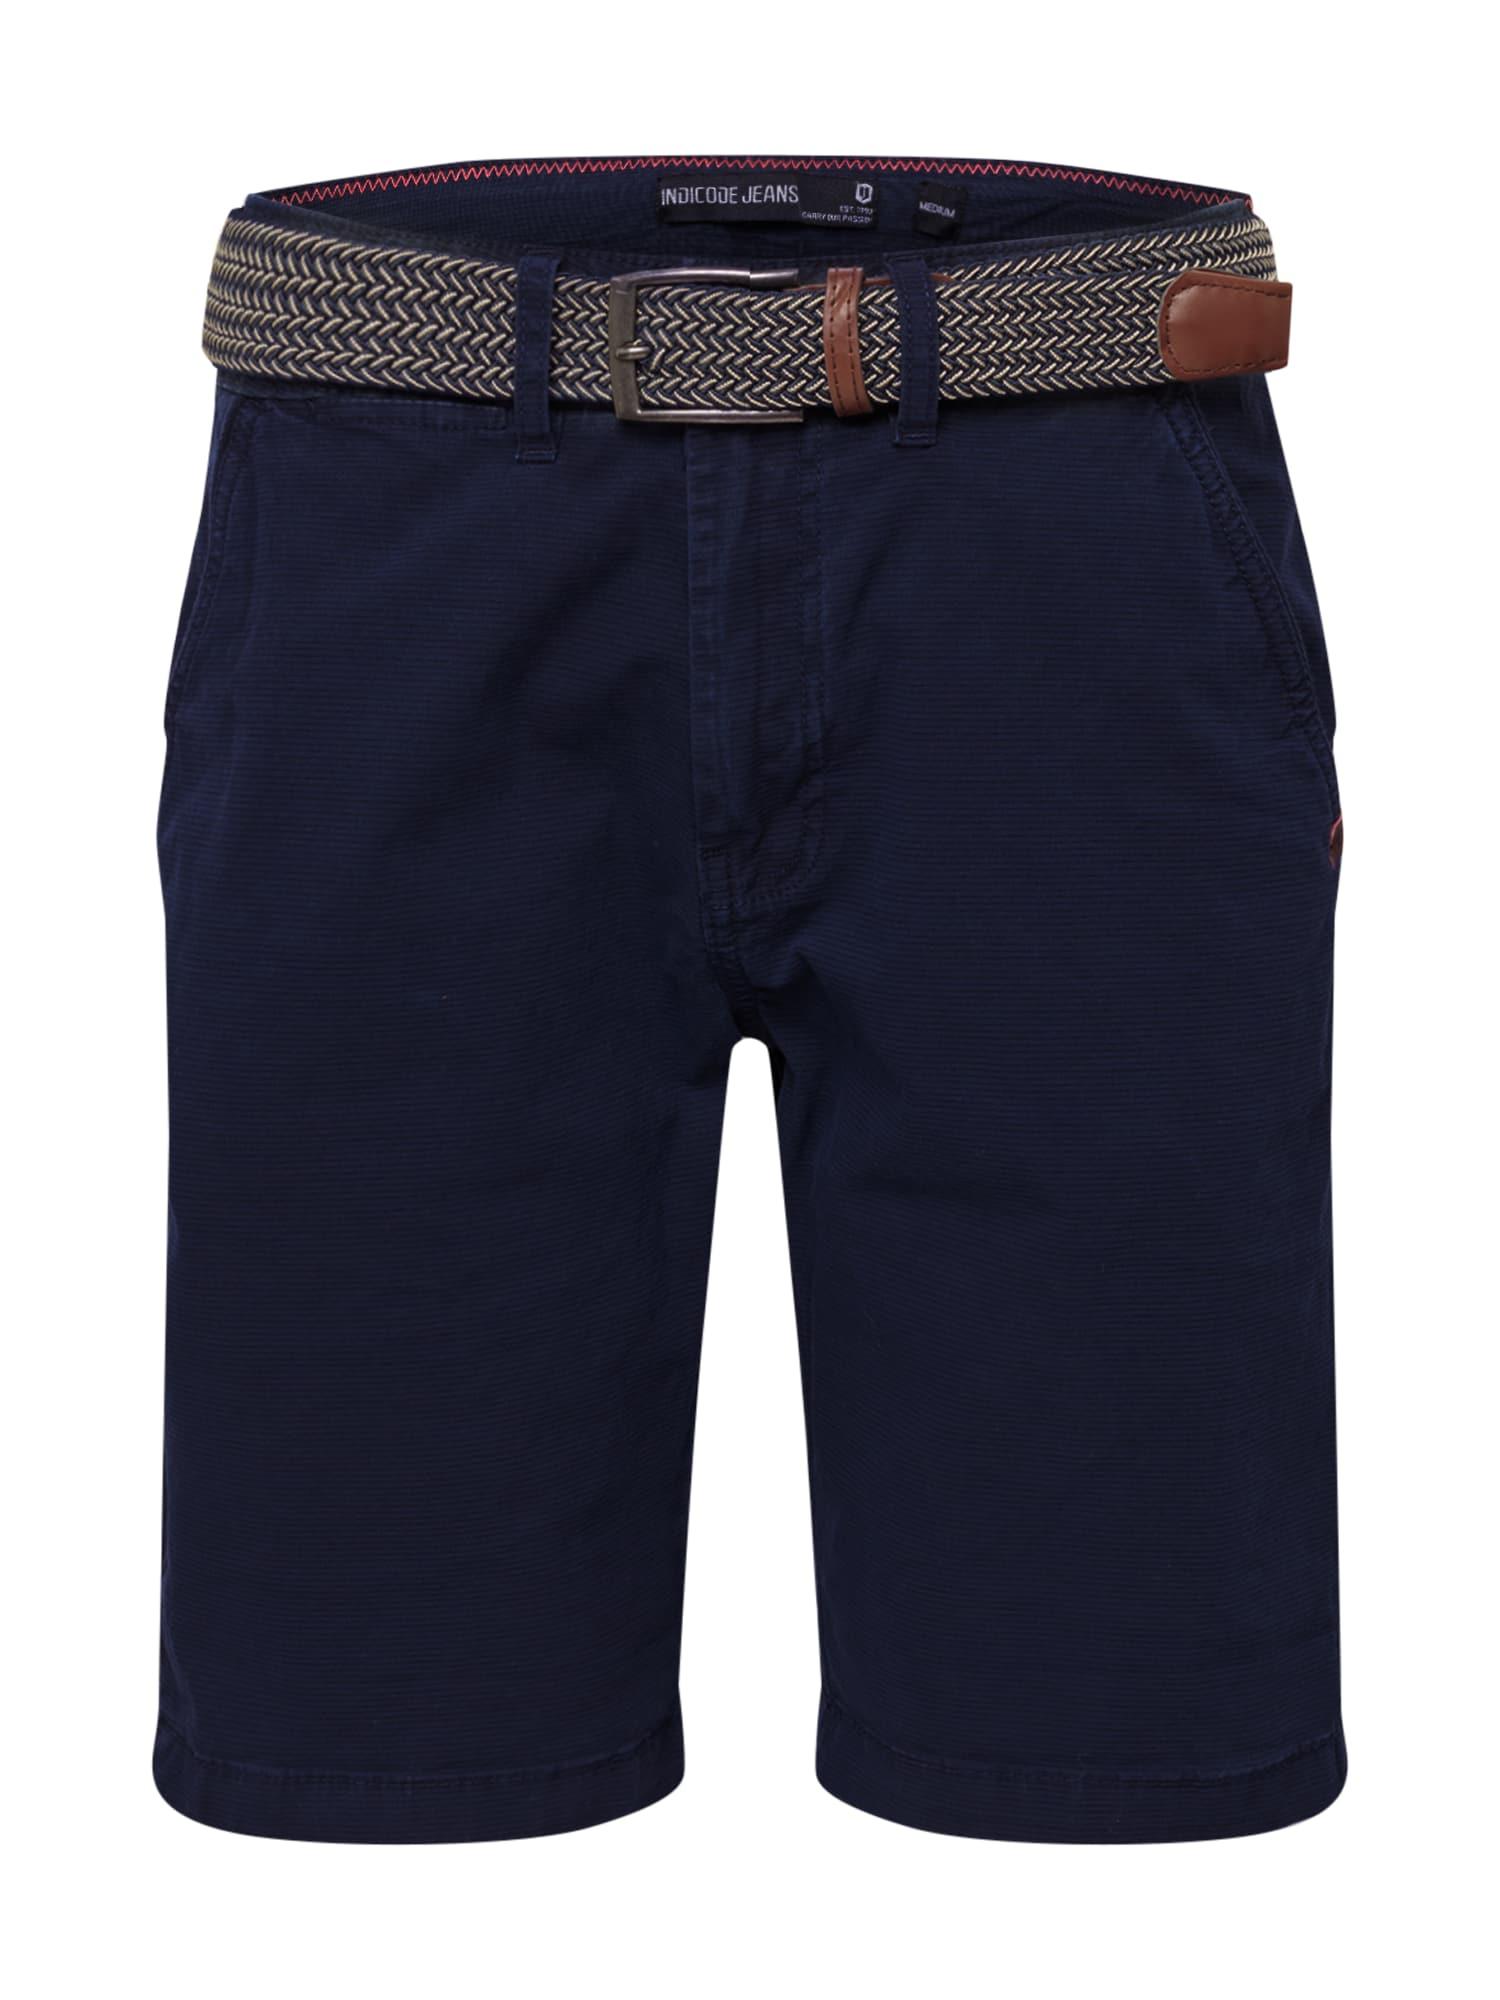 INDICODE JEANS Chino stiliaus kelnės 'Caedmon' tamsiai mėlyna